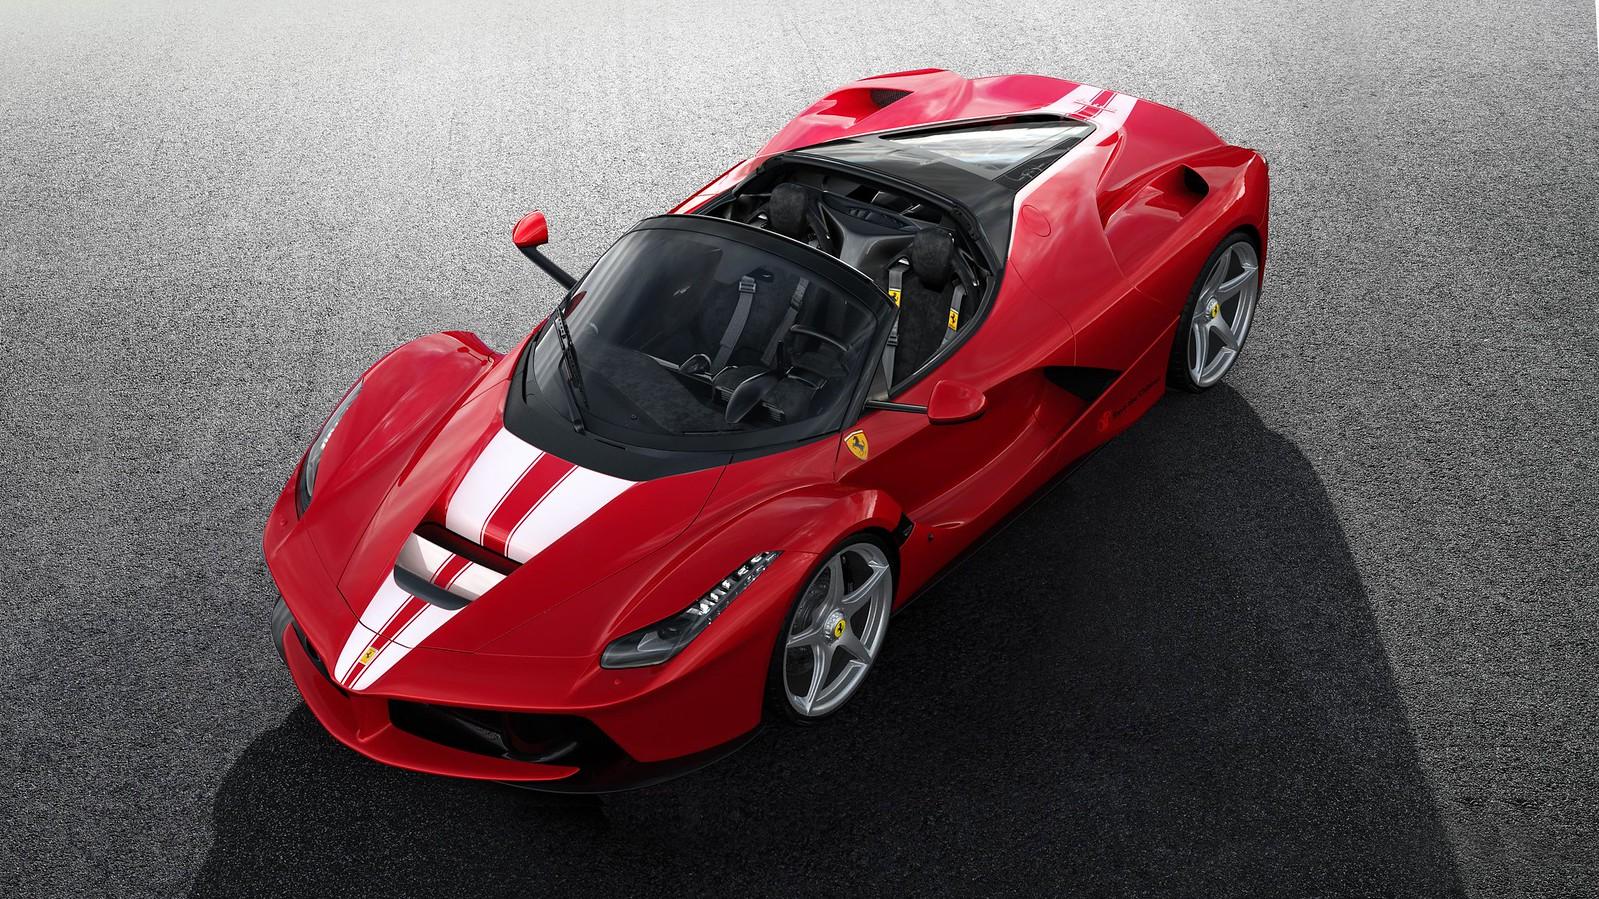 LaFerrari Aperta sells for record $10 million